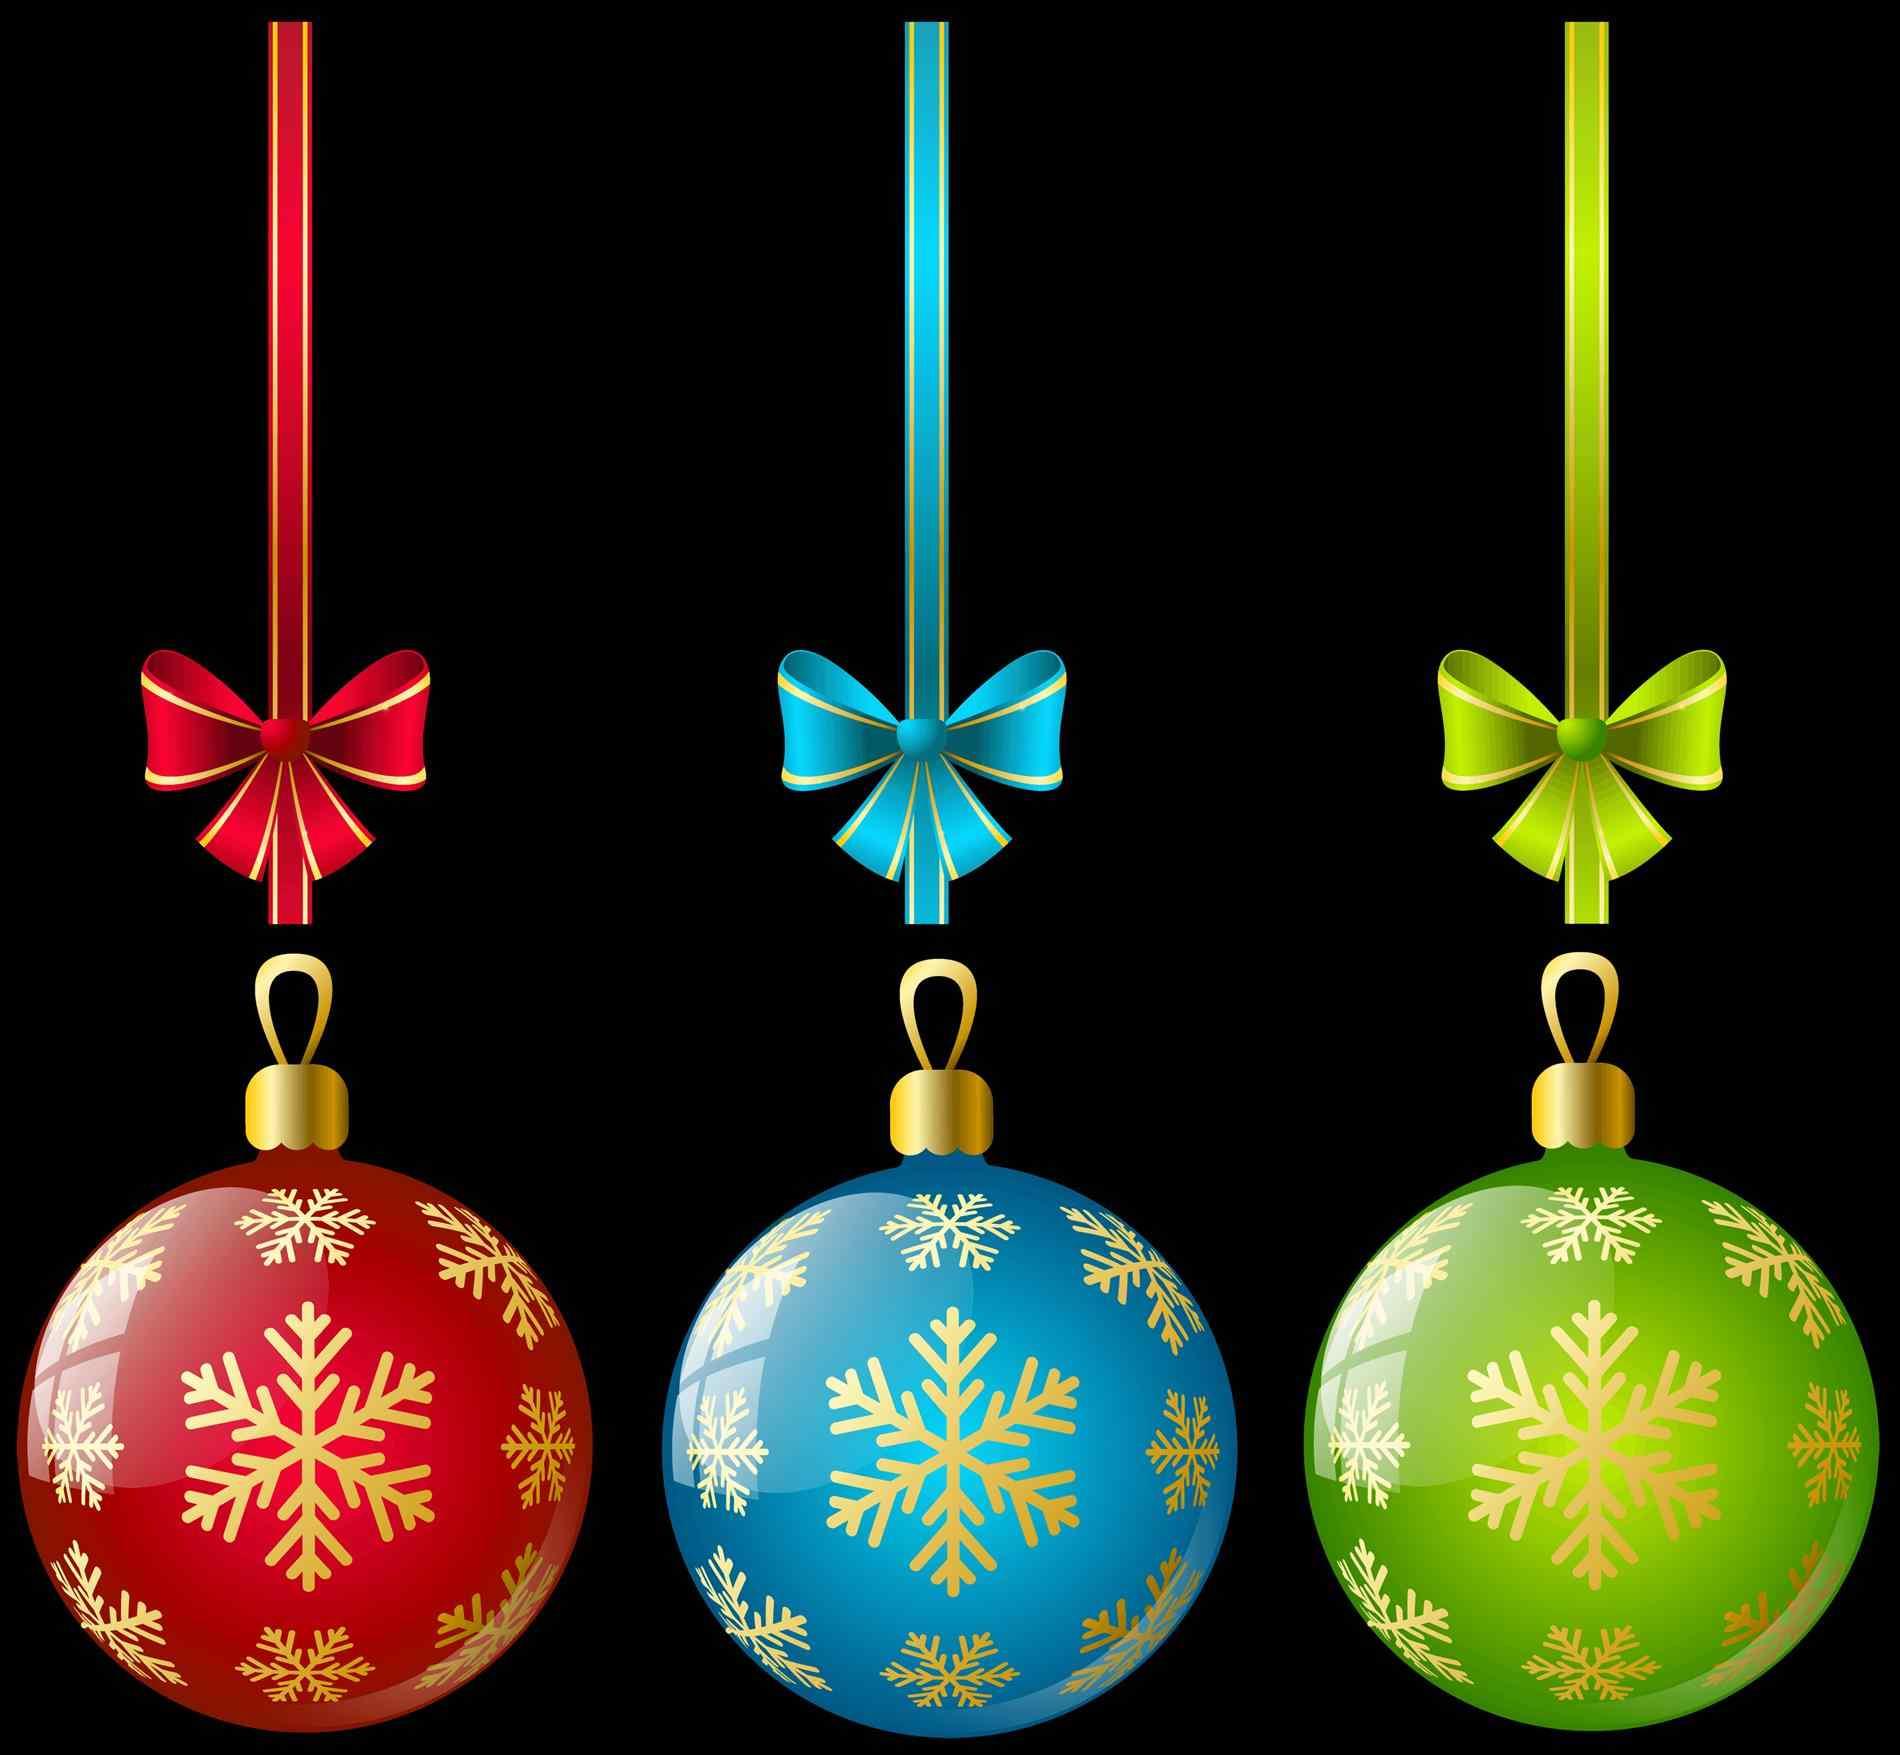 1900x1755 Christmas Decorations Images Clipart Meublessous.website